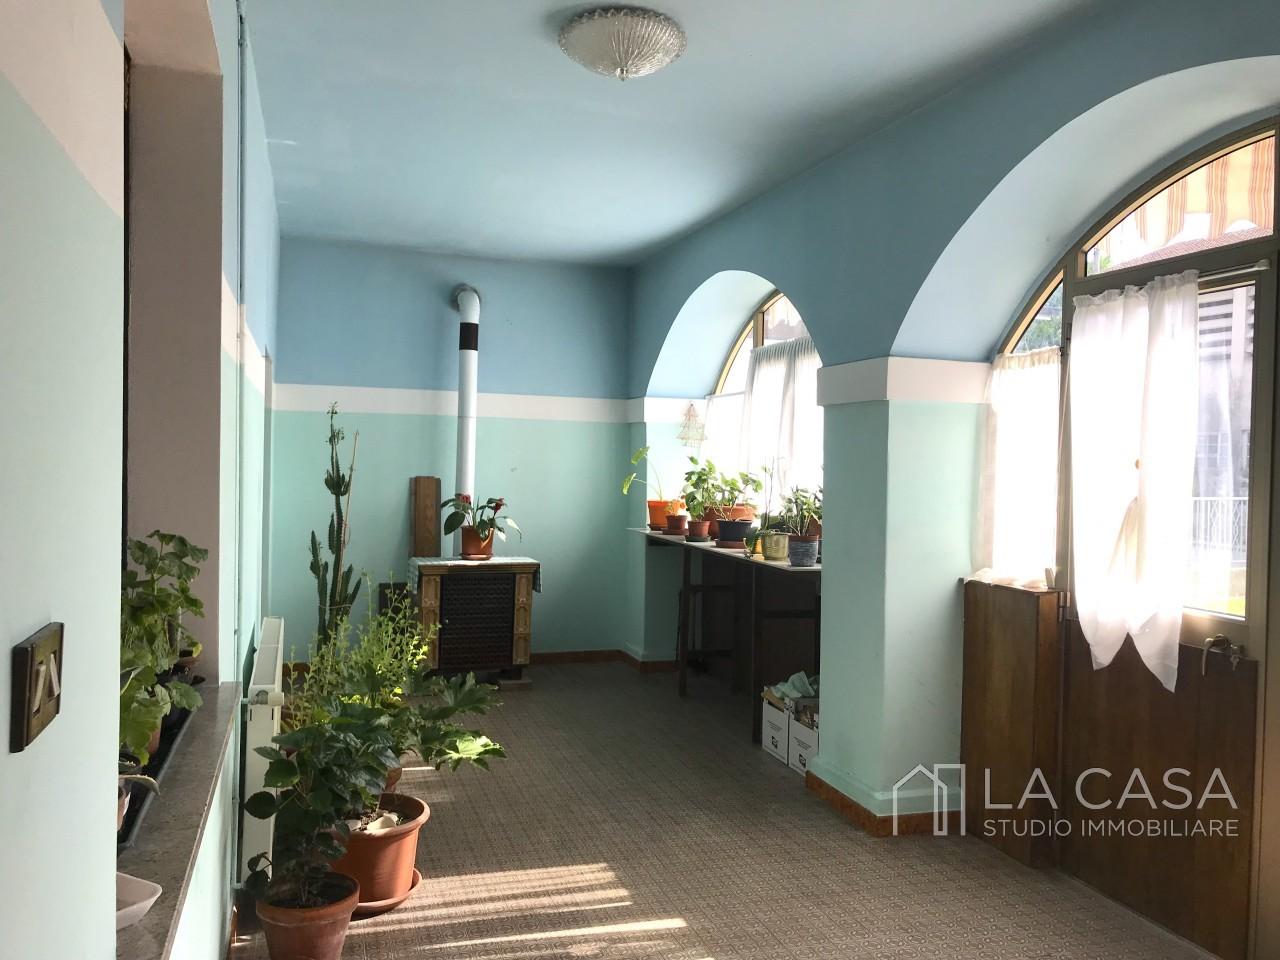 Casa in linea con giardino in vendita a San Giorgio della Richinvelda - Rif.R8 https://media.gestionaleimmobiliare.it/foto/annunci/190924/2073205/1280x1280/005__img_1283.jpg